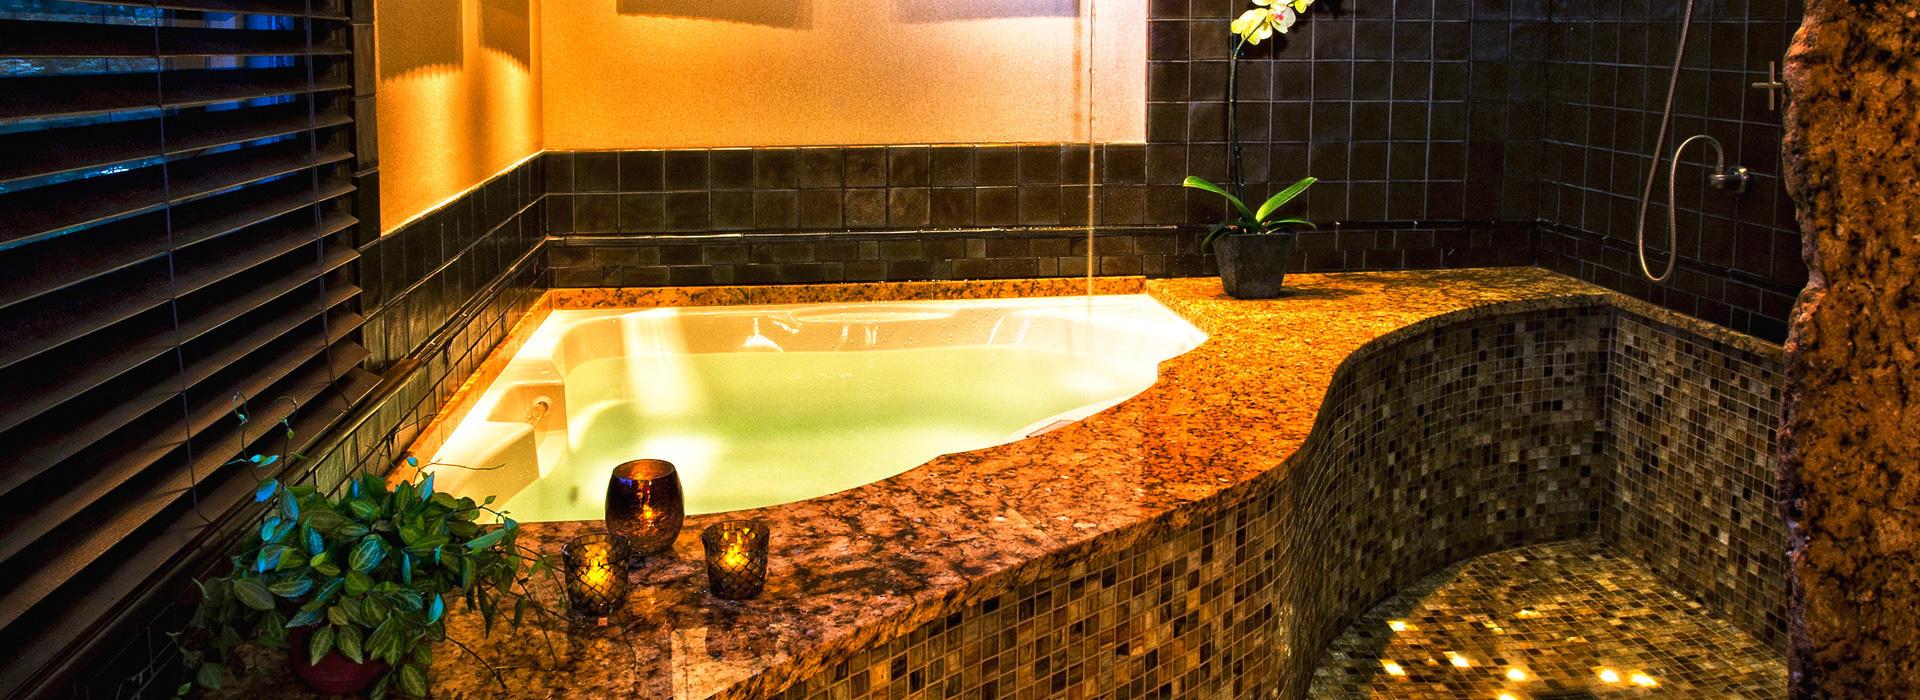 fitz-bath